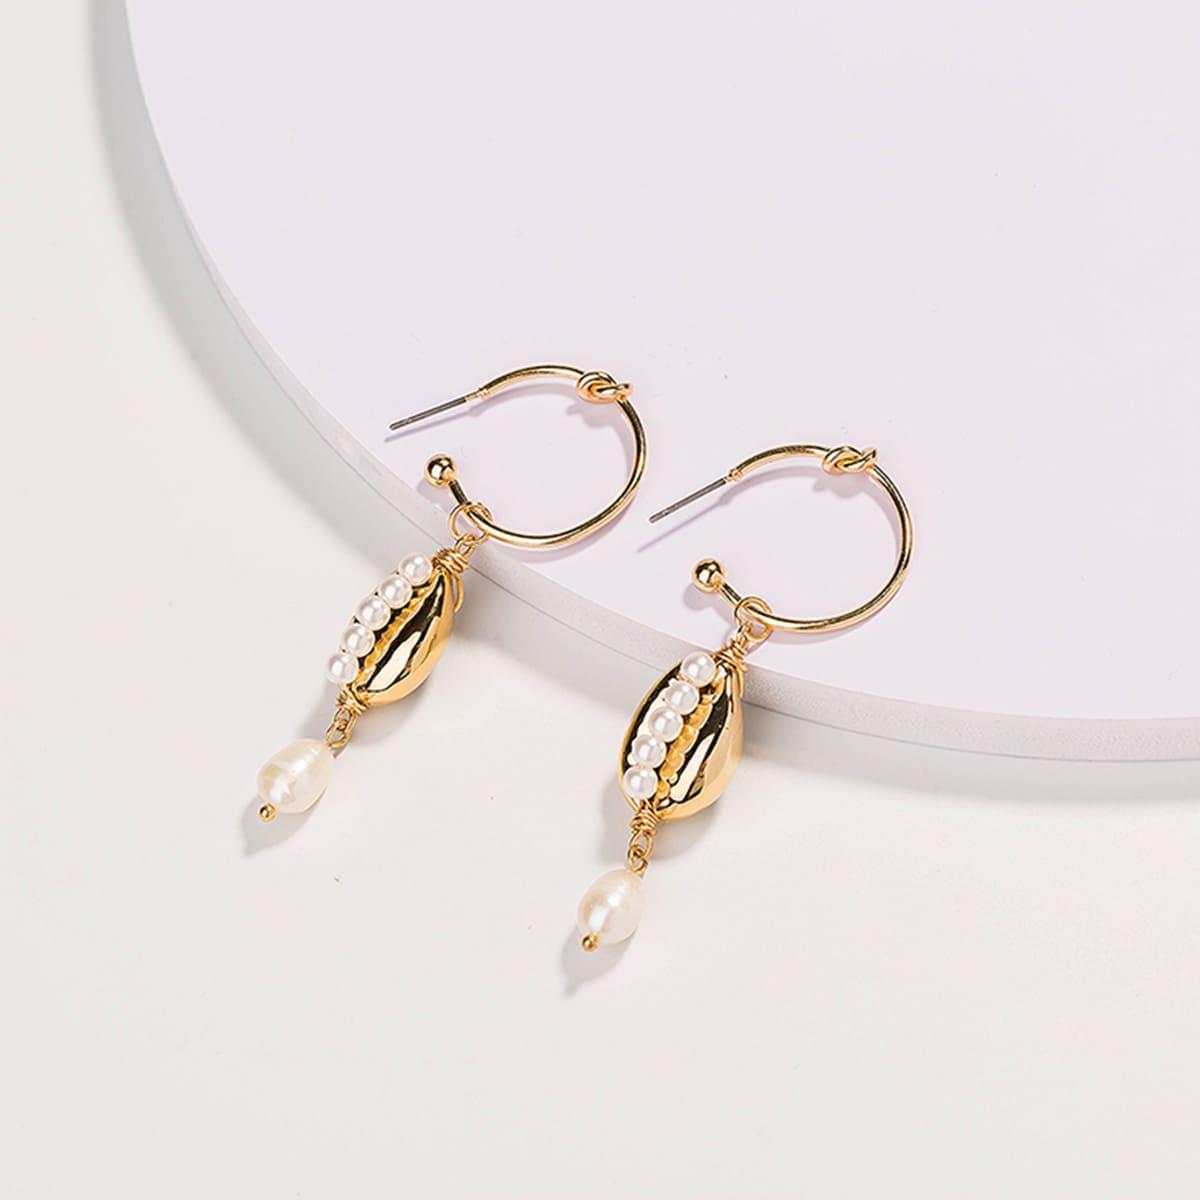 1pair Pearl & Shell Decor Drop Earrings